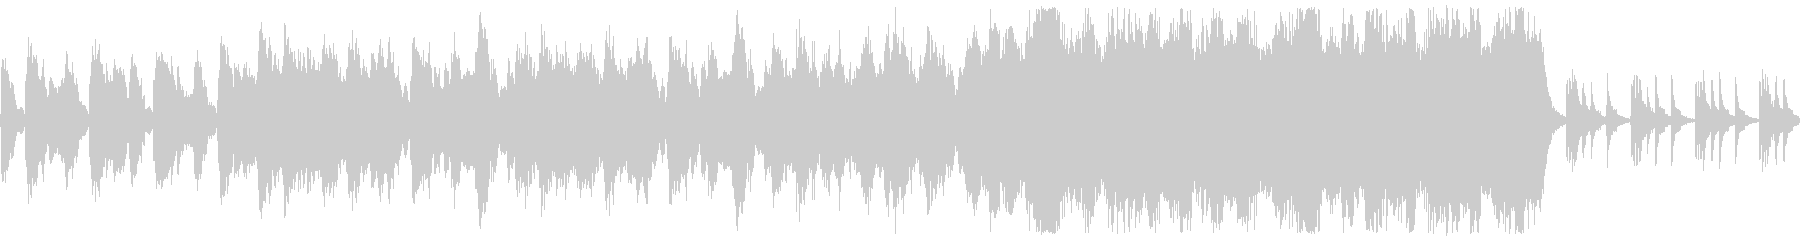 ゲームのタイトル画面系向けなBGMですの未再生の波形